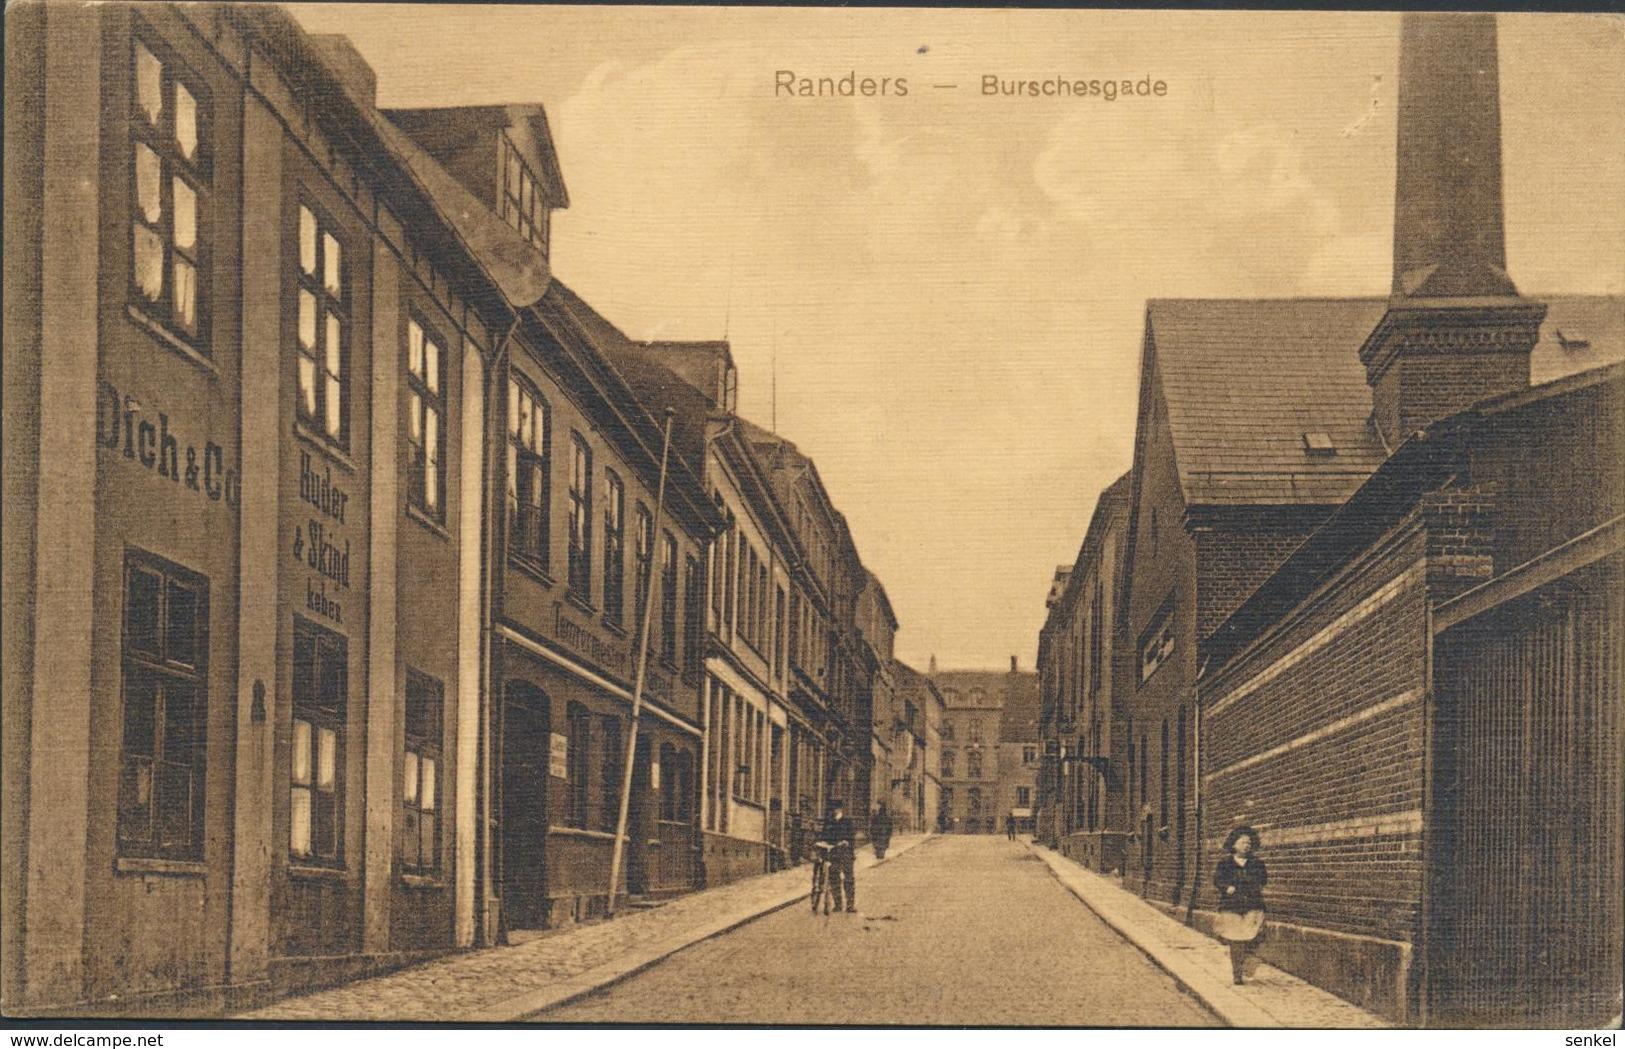 61-634 Denmark Dänemark Randers Burschgade Forlag Papirbazaren - Danemark